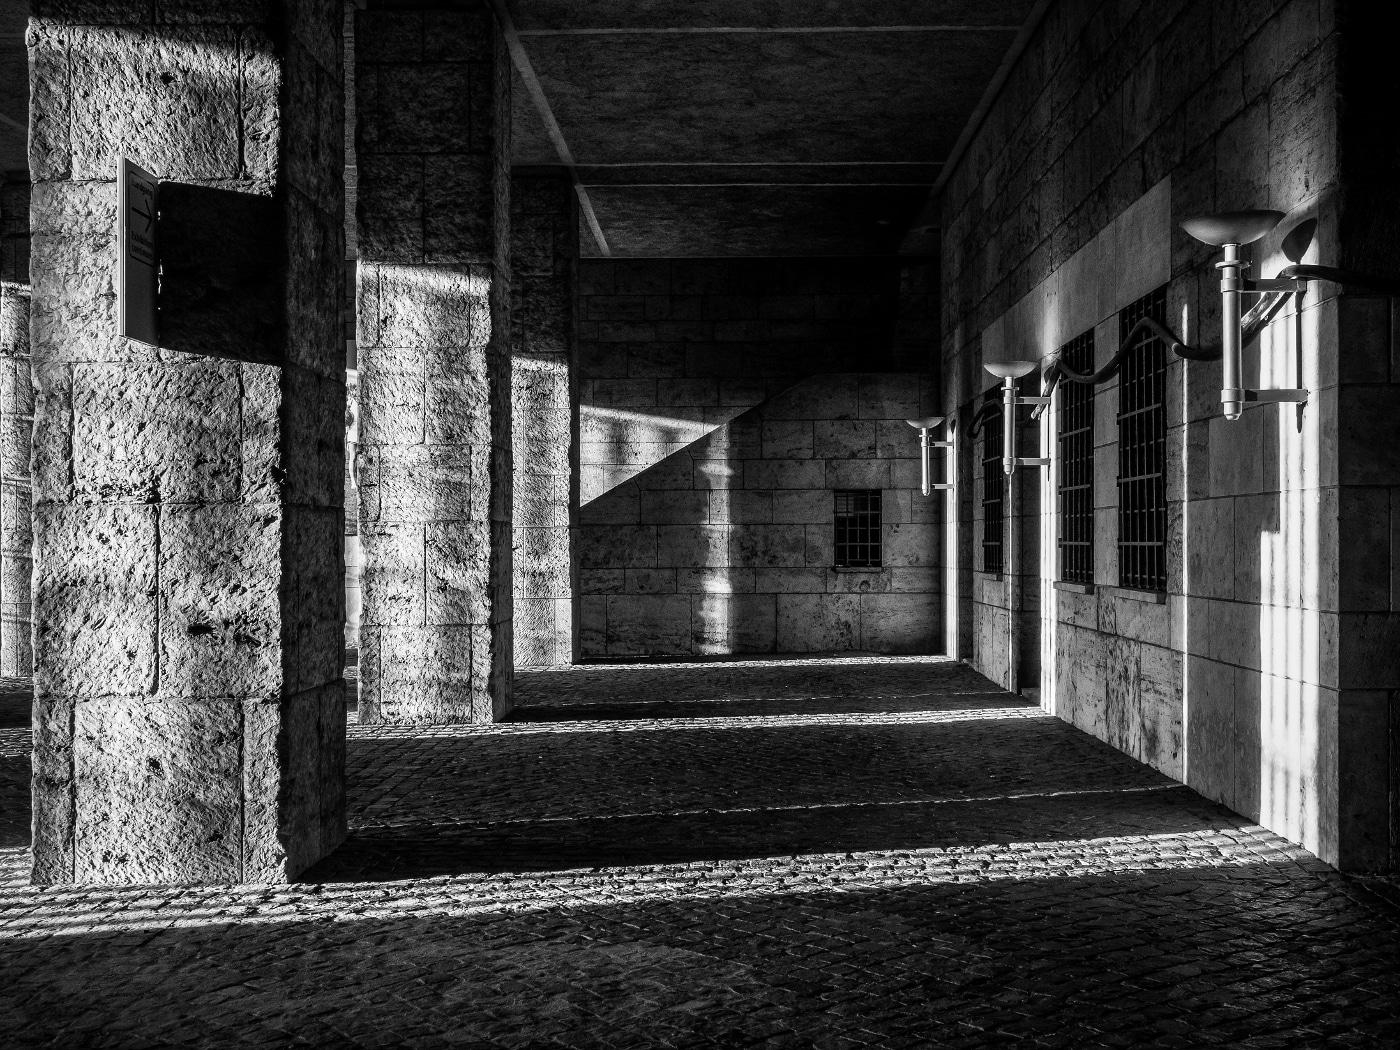 Schattenspiele im Olympia-Glockenturm # 02 | © wolfgang röser